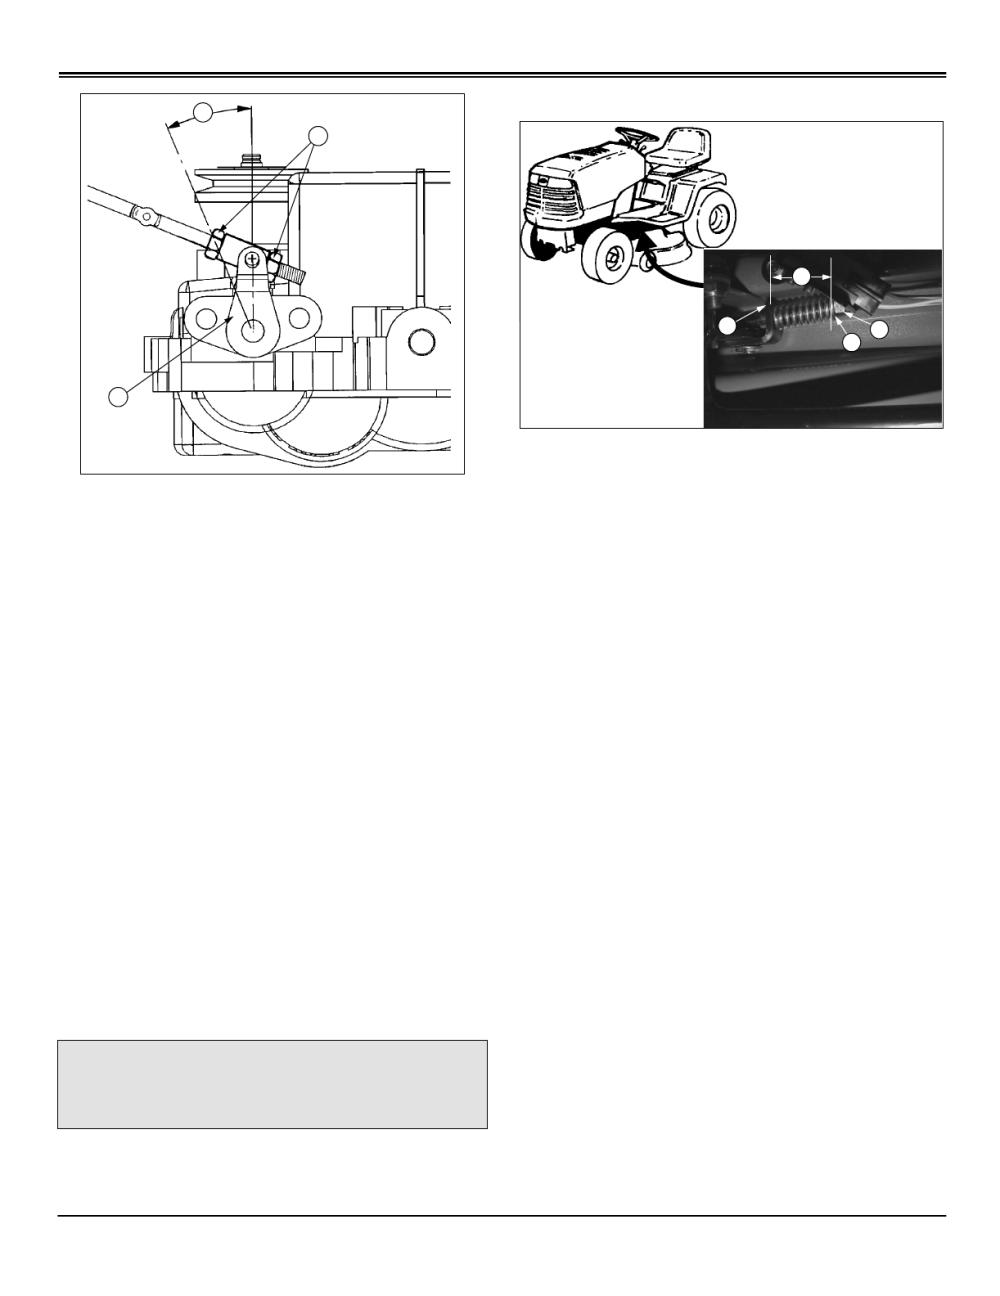 medium resolution of scott 1642h carburetor